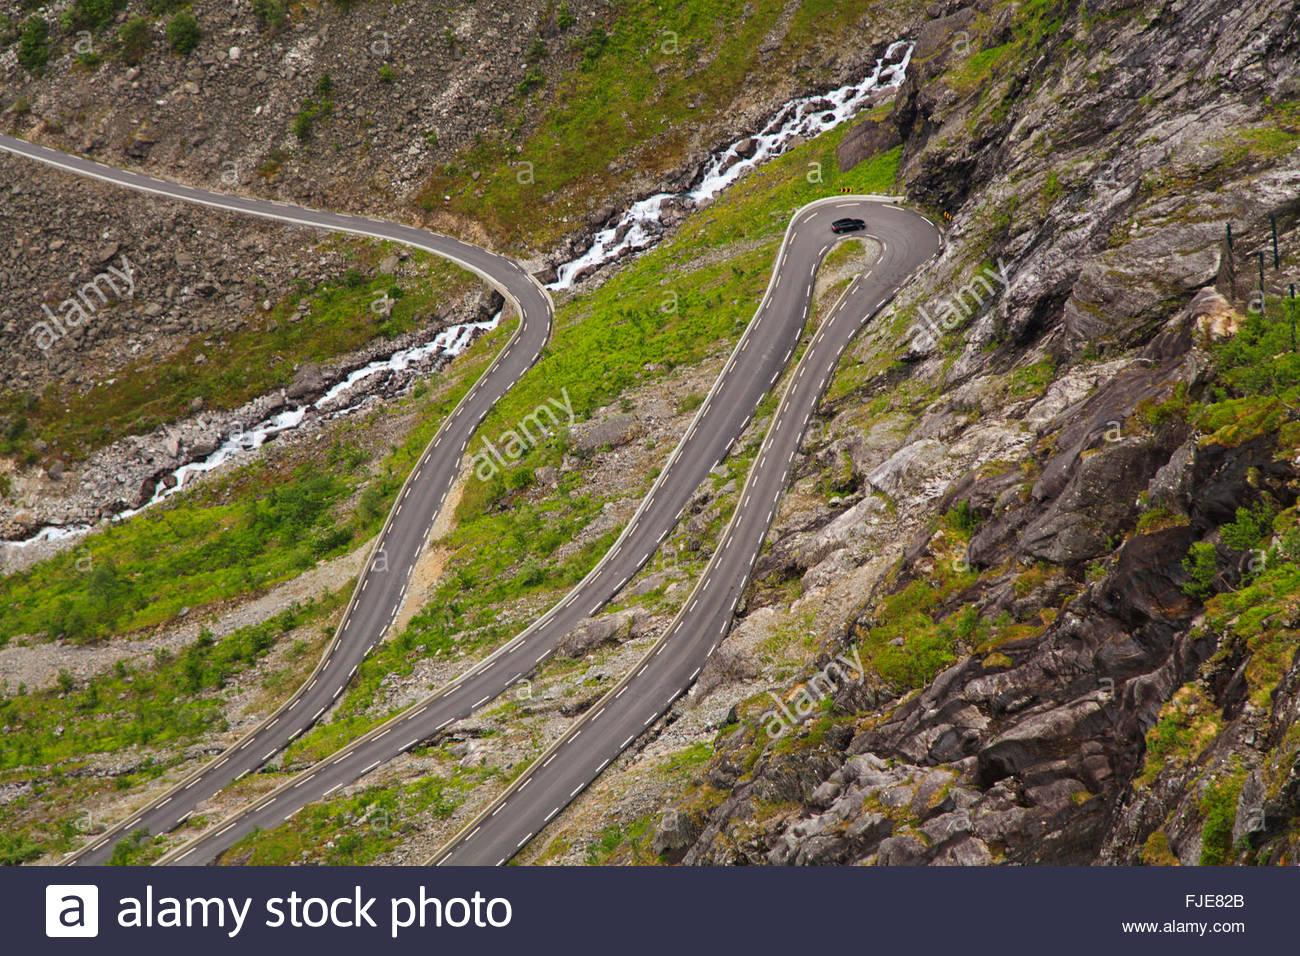 Trollstigen (Troll's Footpath), Norway - Stock Image